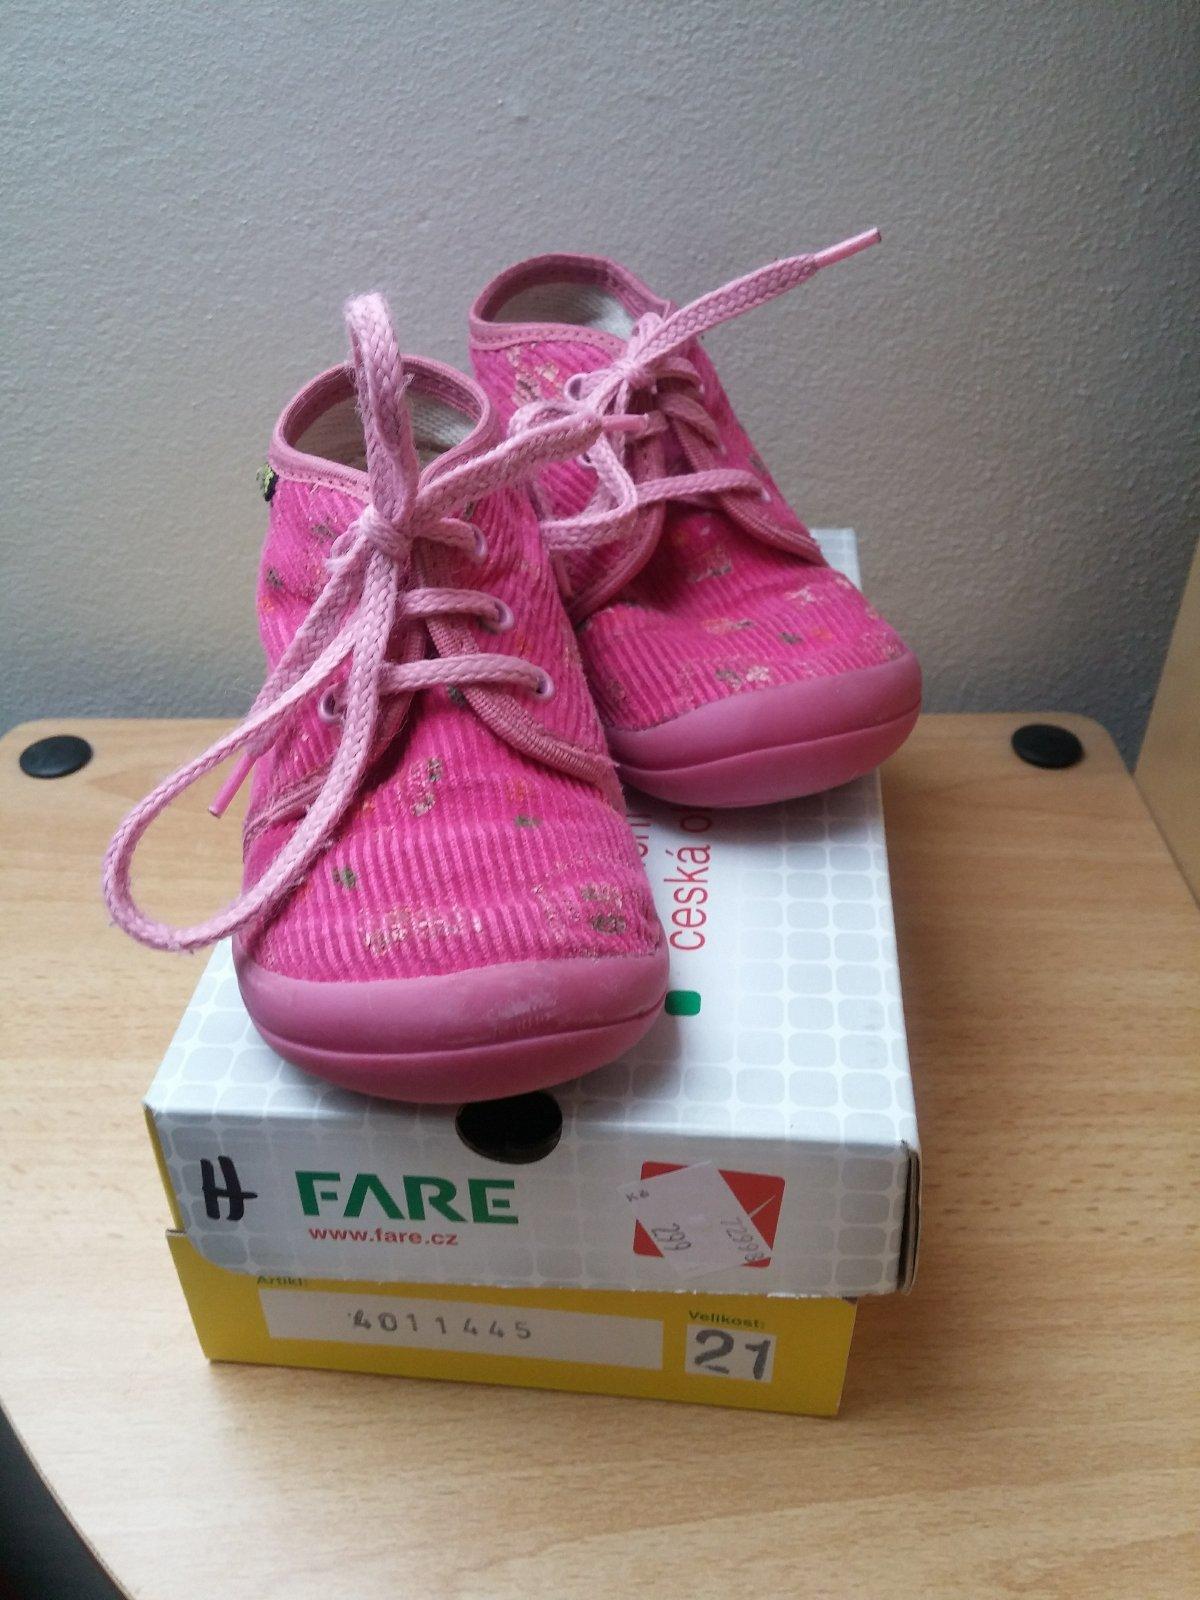 841f7ffddf4 0 inzerátů • 8 hodnocení. Papuče fare